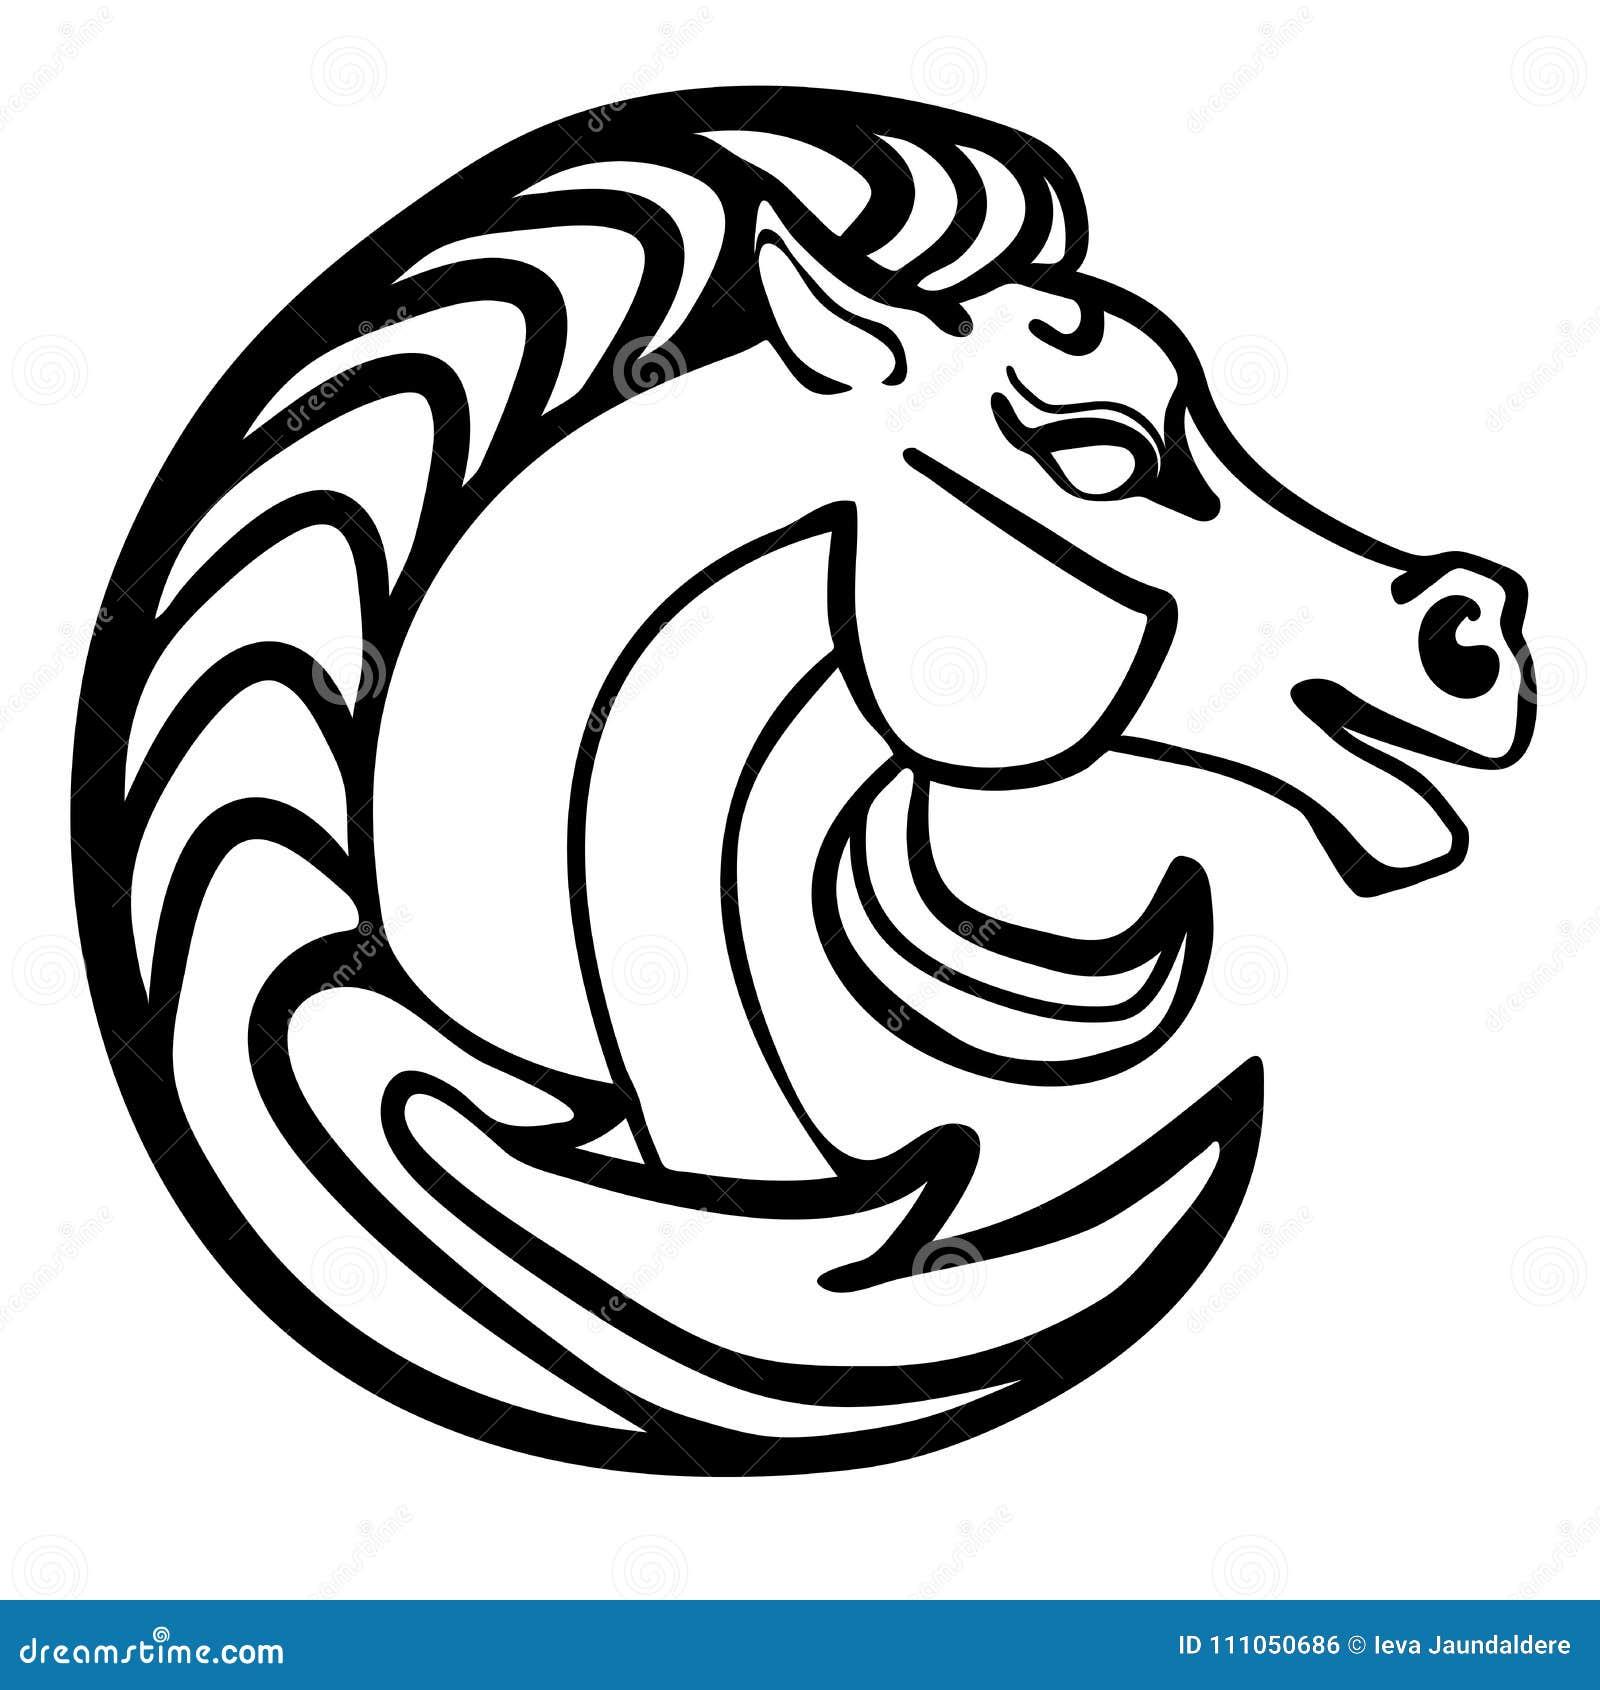 Tatuagem do logotipo da cabeça de cavalo da ilustração do vetor preto e branco